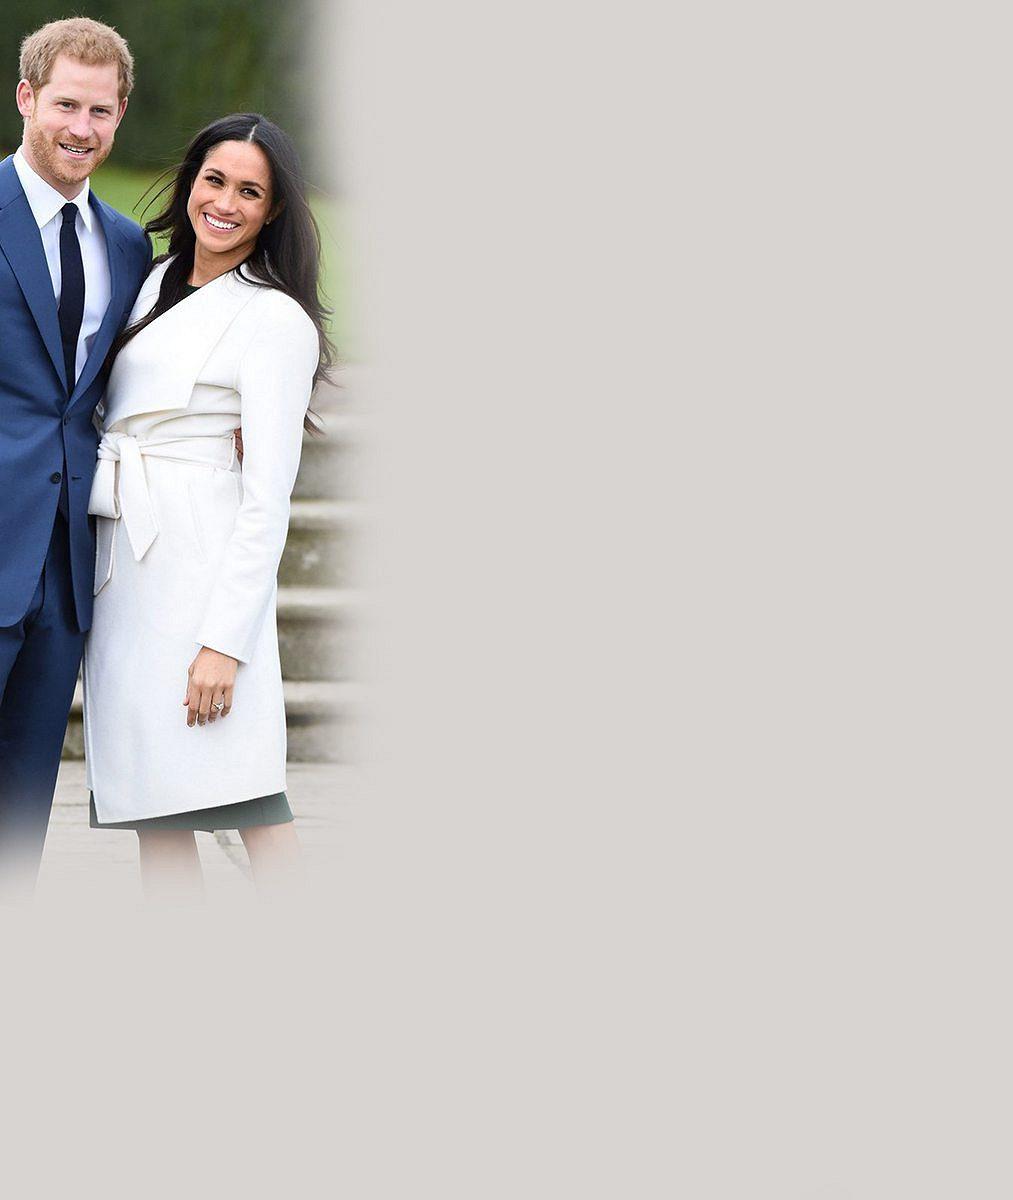 Vévodkyně Kate mě rozplakala několik dní před svatbou sHarrym, tvrdí Meghan. Popsala vyhrocený moment